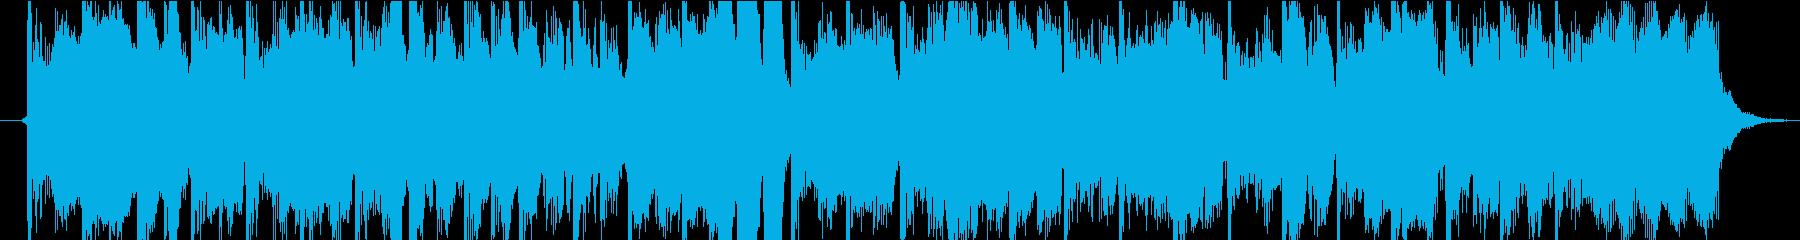 15秒CM向きの3 ストリングス・テクノの再生済みの波形